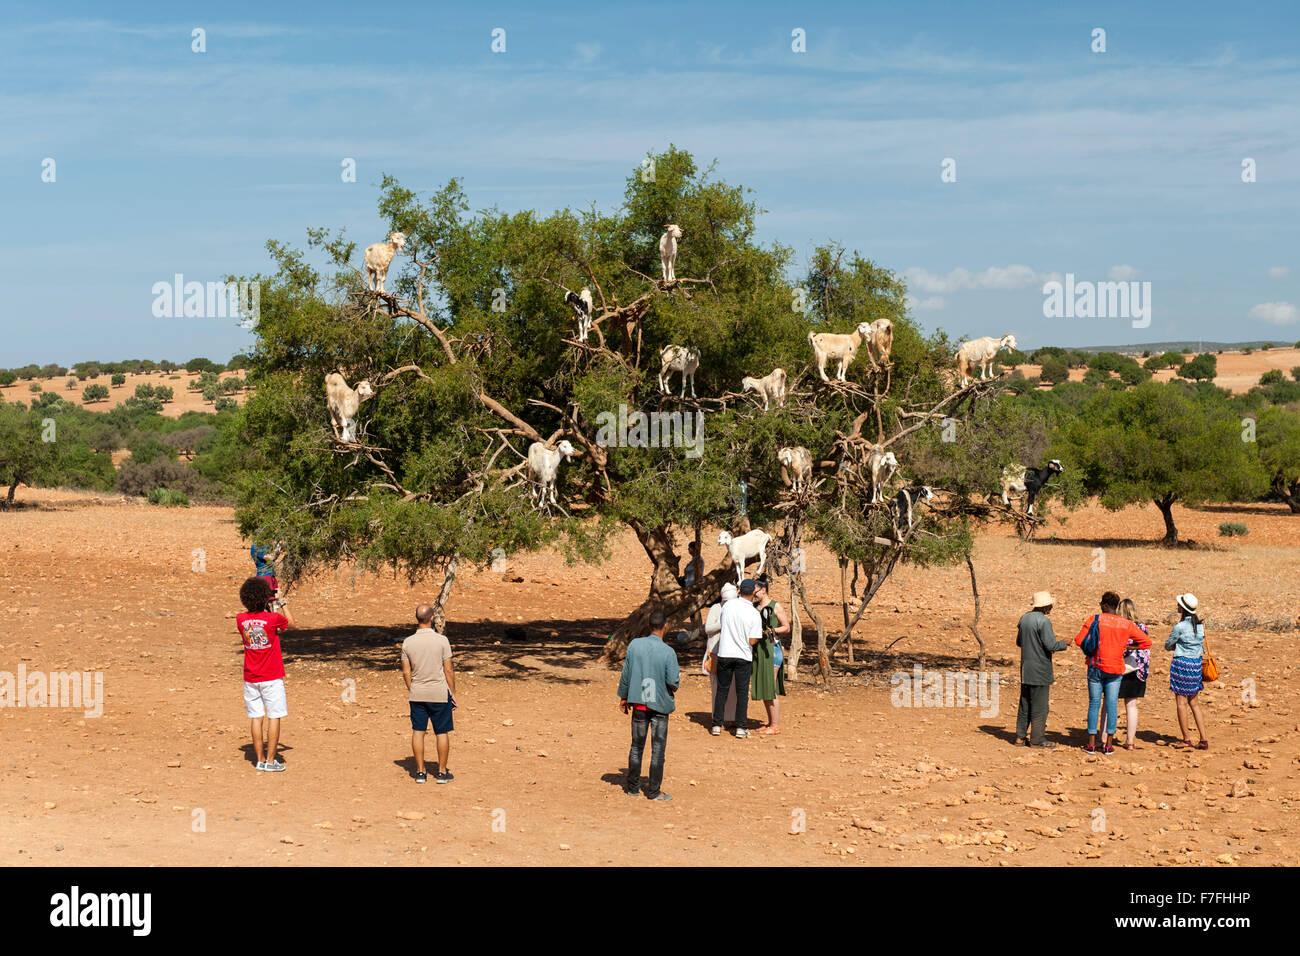 Ziegen in einem Baum auf Marrakesch, Essaouira Straße in Marokko. Stockbild